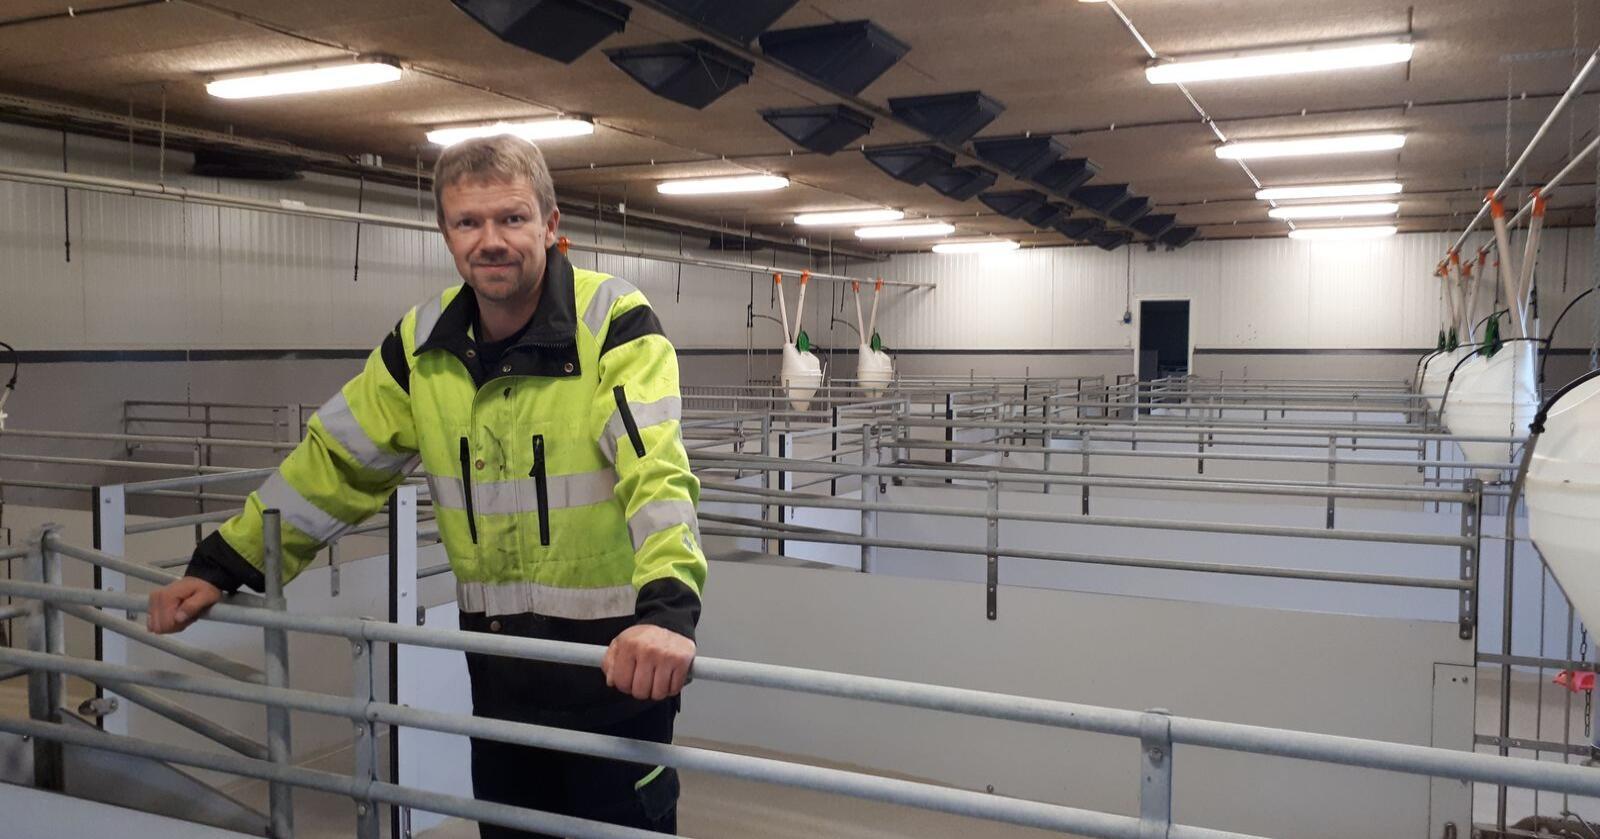 Det er tomt i tre av rommene i grisehuset til Jostein Sørhus i Vindafjord kommune i Rogaland. I det fjerde har han 130 slaktegris, som han skal slakte i oktober. (Foto: Privat)